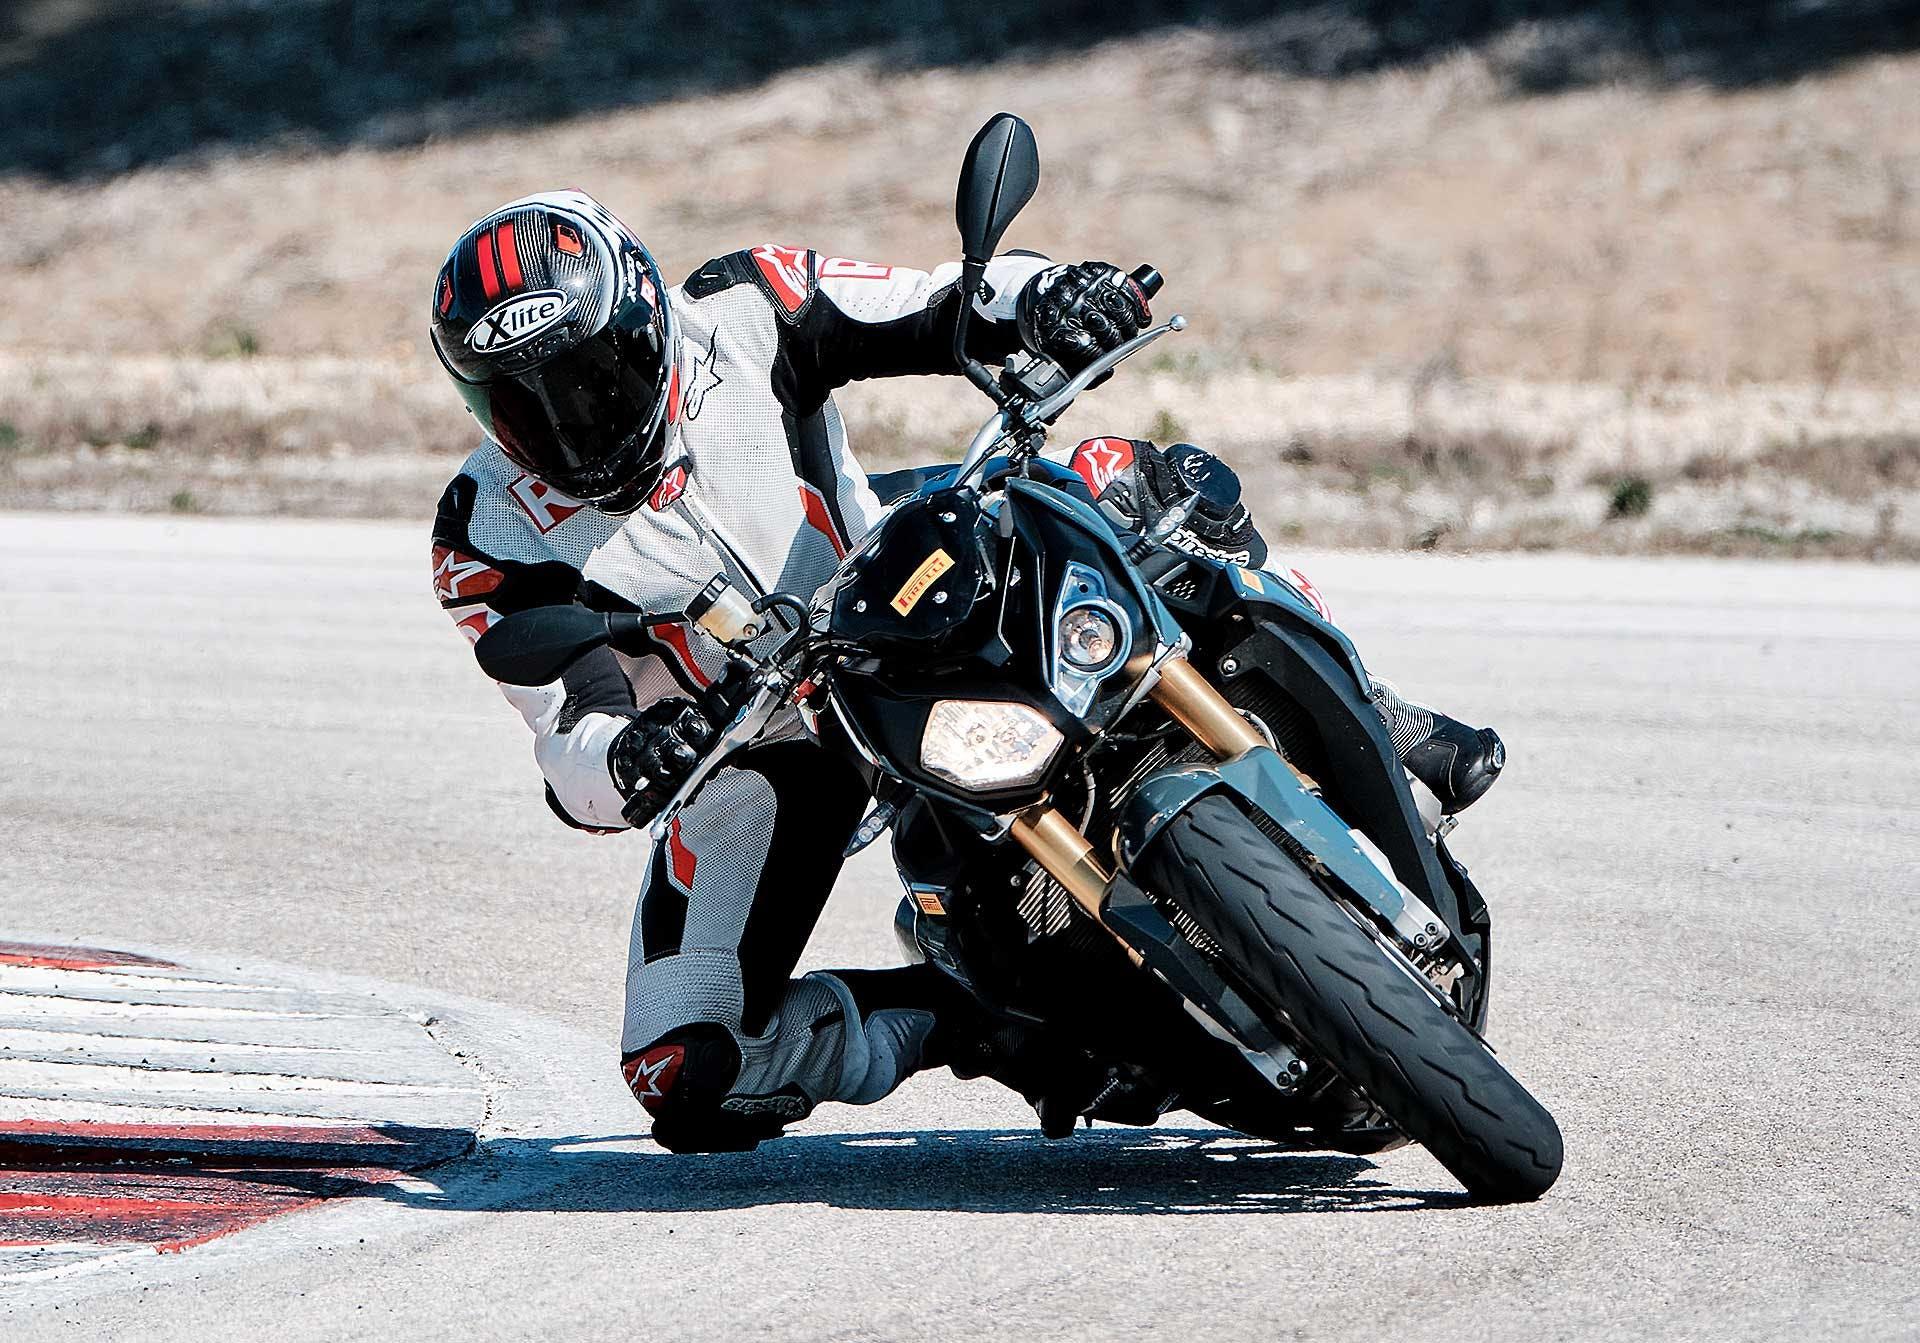 Pirelli Diablo Rosso IV in azione in pista con BMW S 1000 R